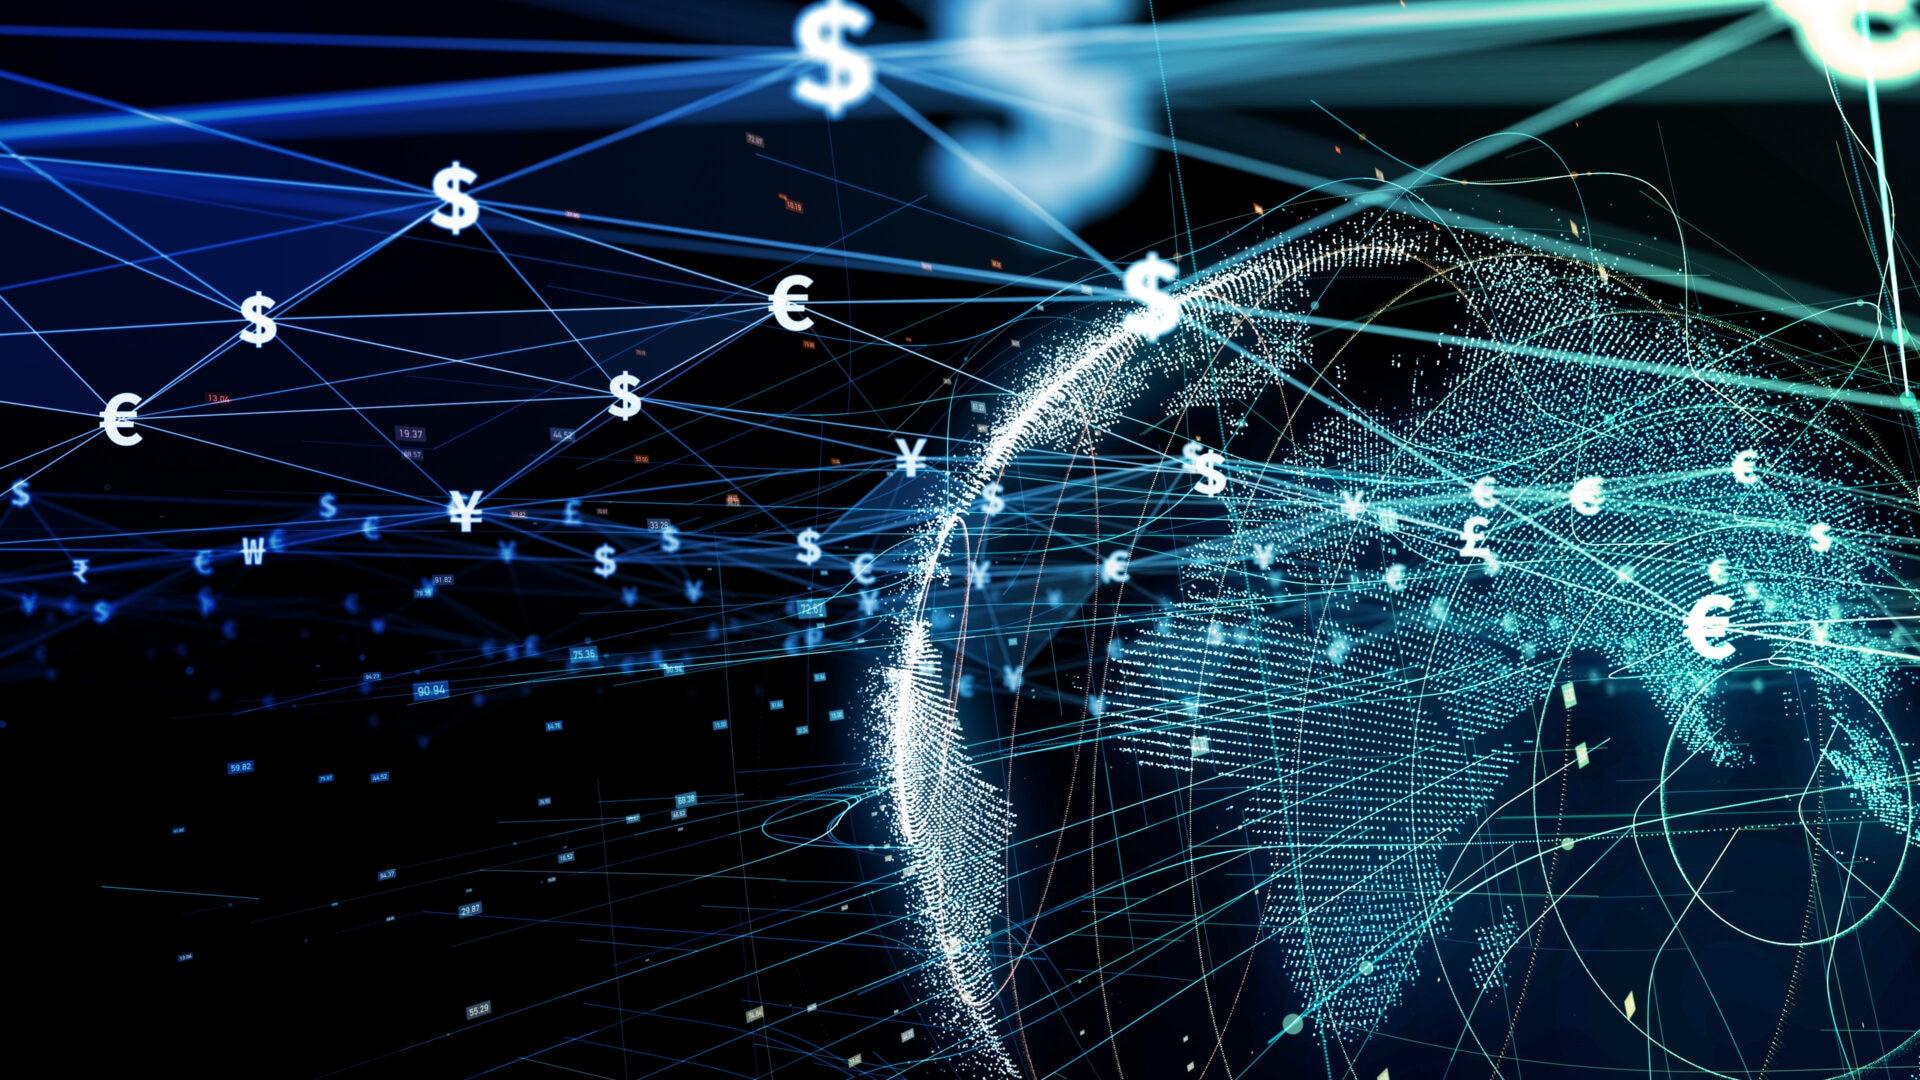 Imagen original: GettyImages-transferencias-internacionales-mapa-mundo-tierra-paises-economia-cib-finanzas-operaciones